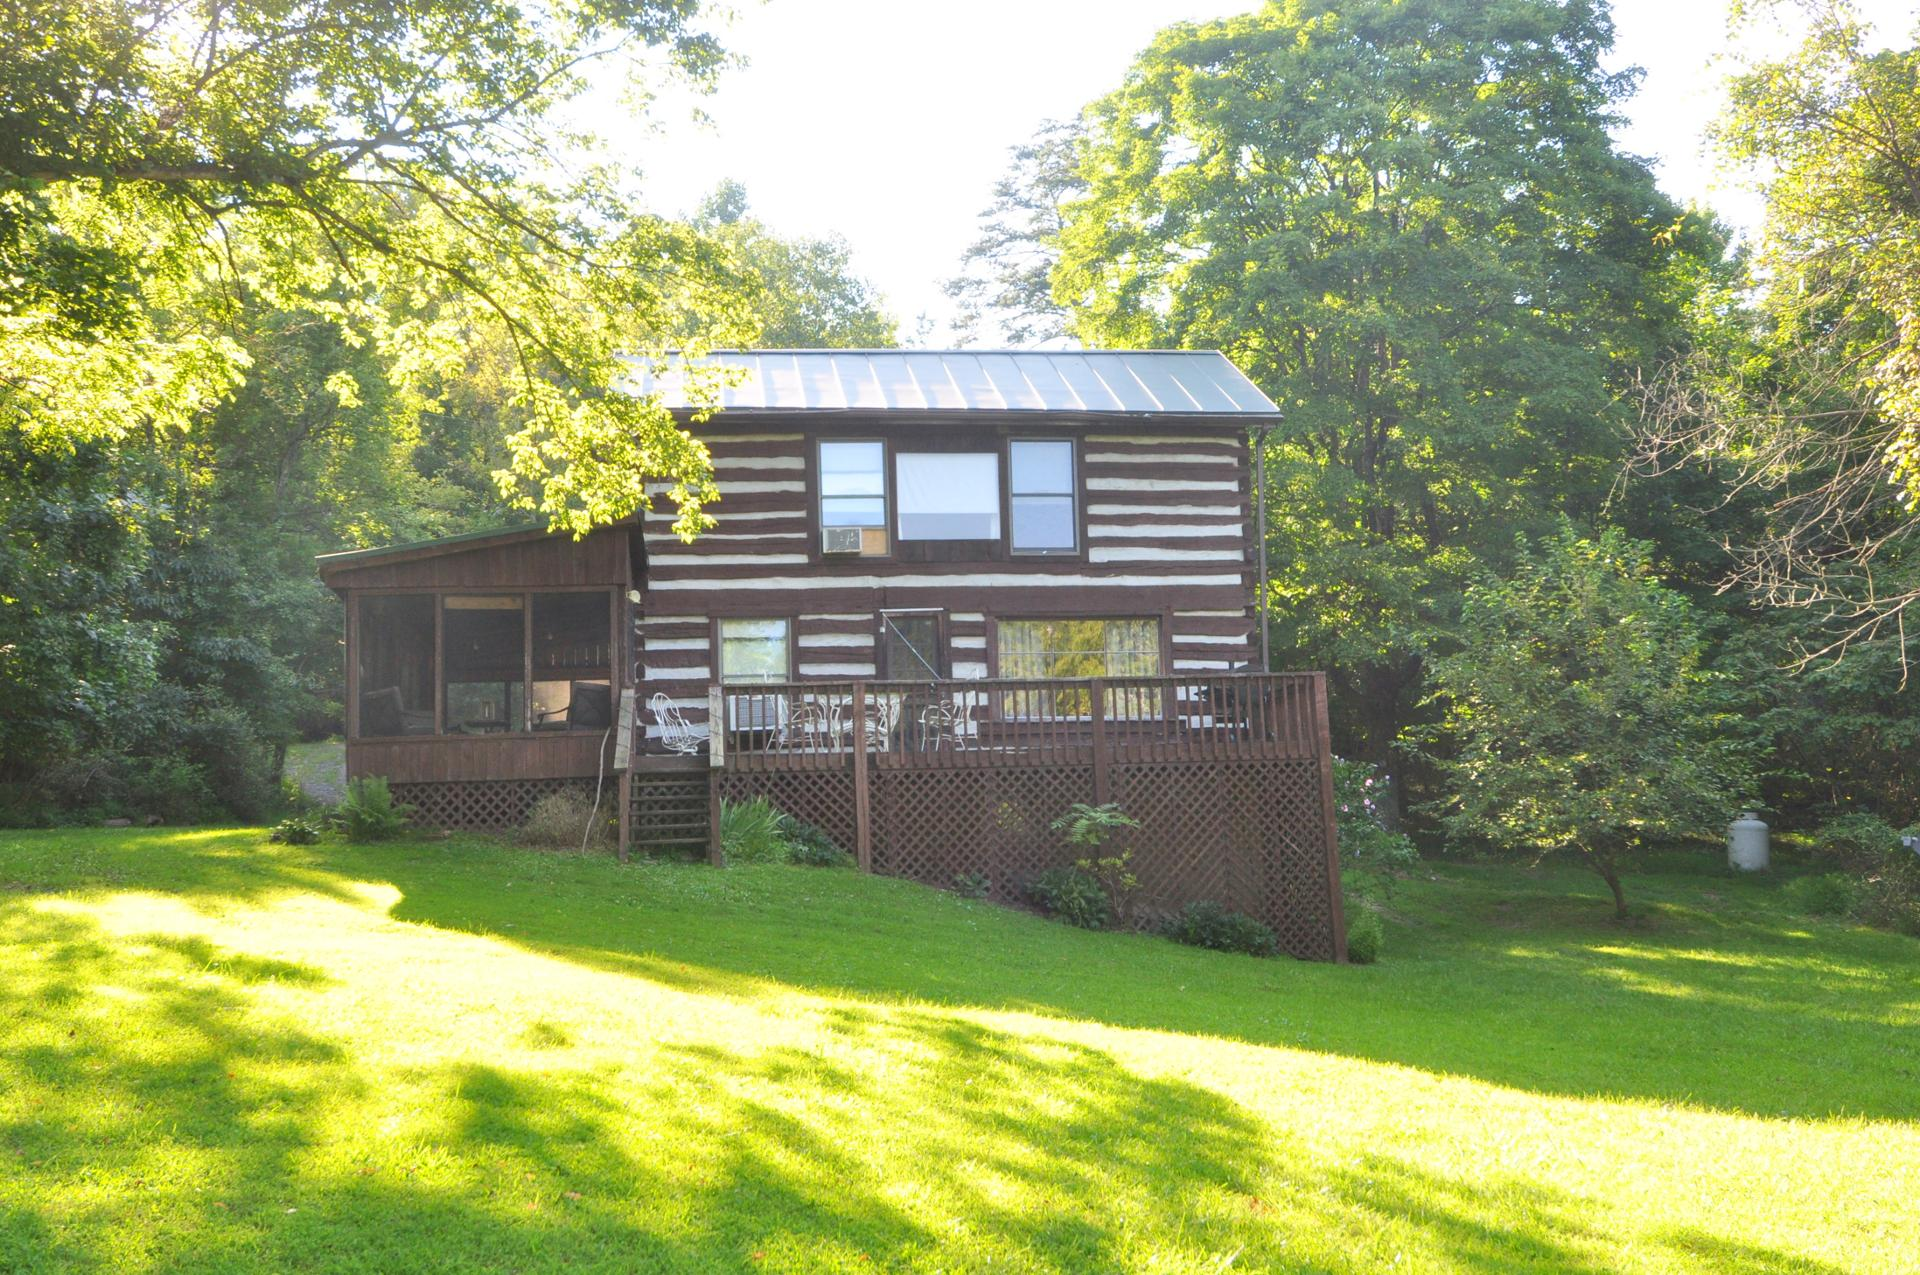 Rental home at Berkeley Springs Cottage Rentals in Berkeley Springs West Virginia